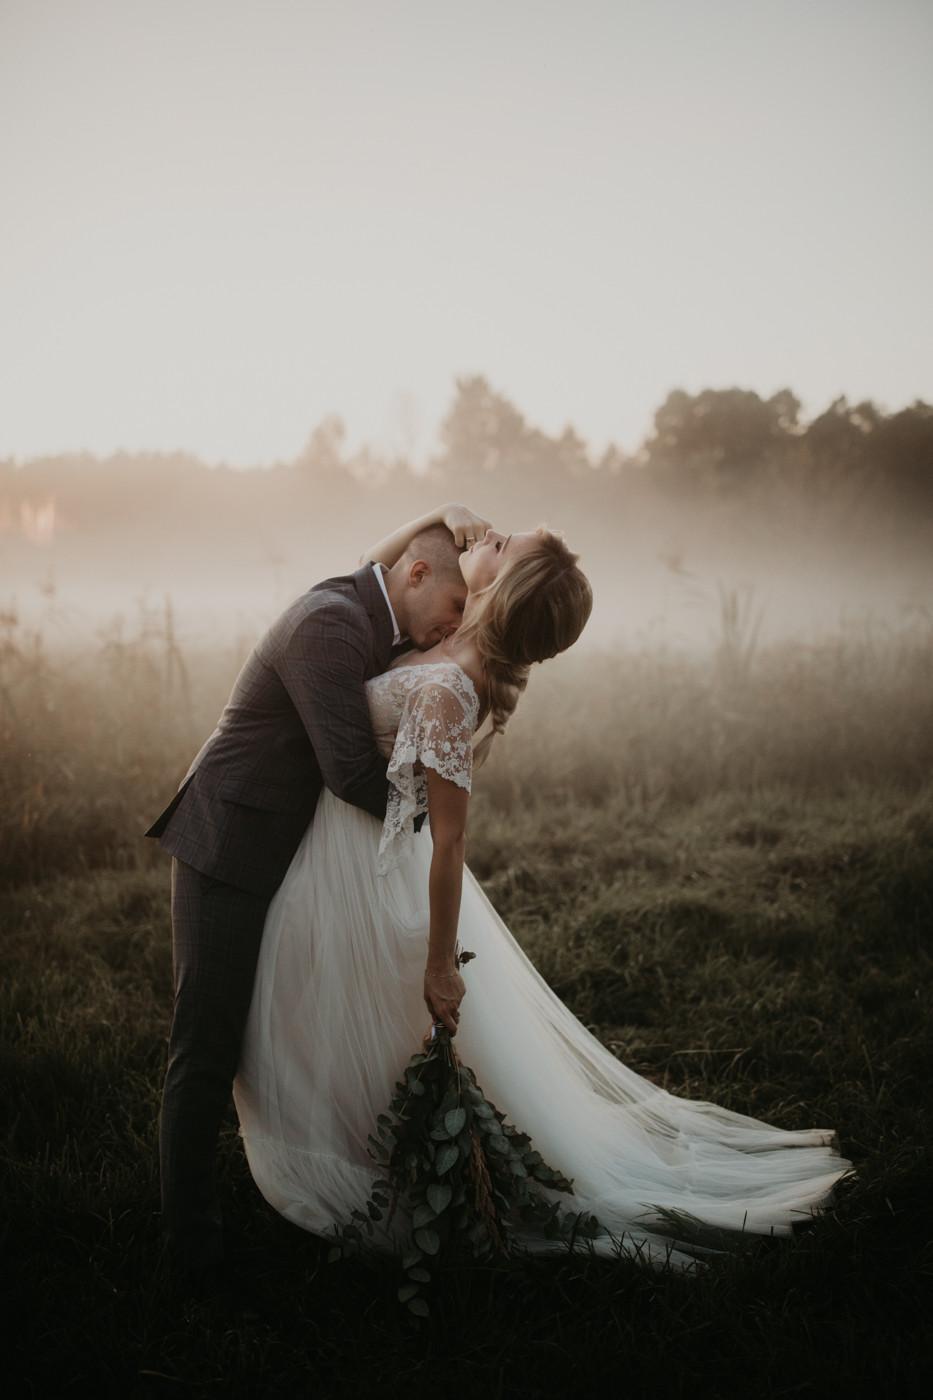 Zagroda Ojrzanów, wesele w plenerze, wesele w Zagrodzie Ojrzanów, sesja poślubna w Zagrodzie Ojrzanów, rustykalne wesele, boho ślub, sesja ślubna ze zwierzętami, Para Młoda, ślub, boho suknia ślubna, mgła na sesji